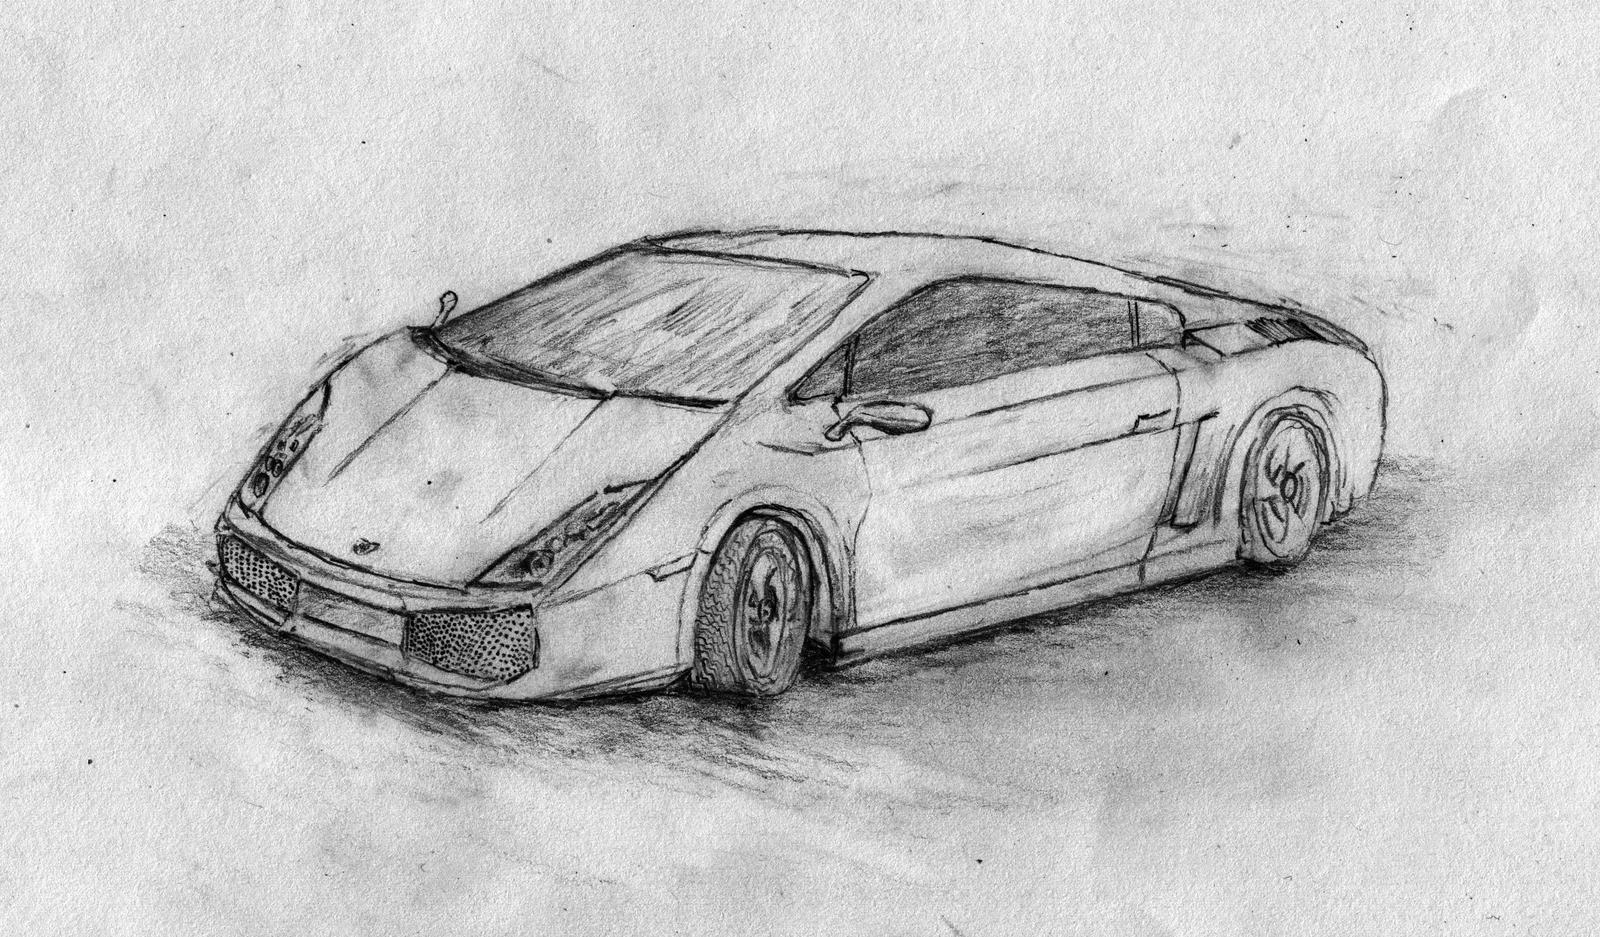 Lamborghini Gallardo Pencil By Antscape On Deviantart